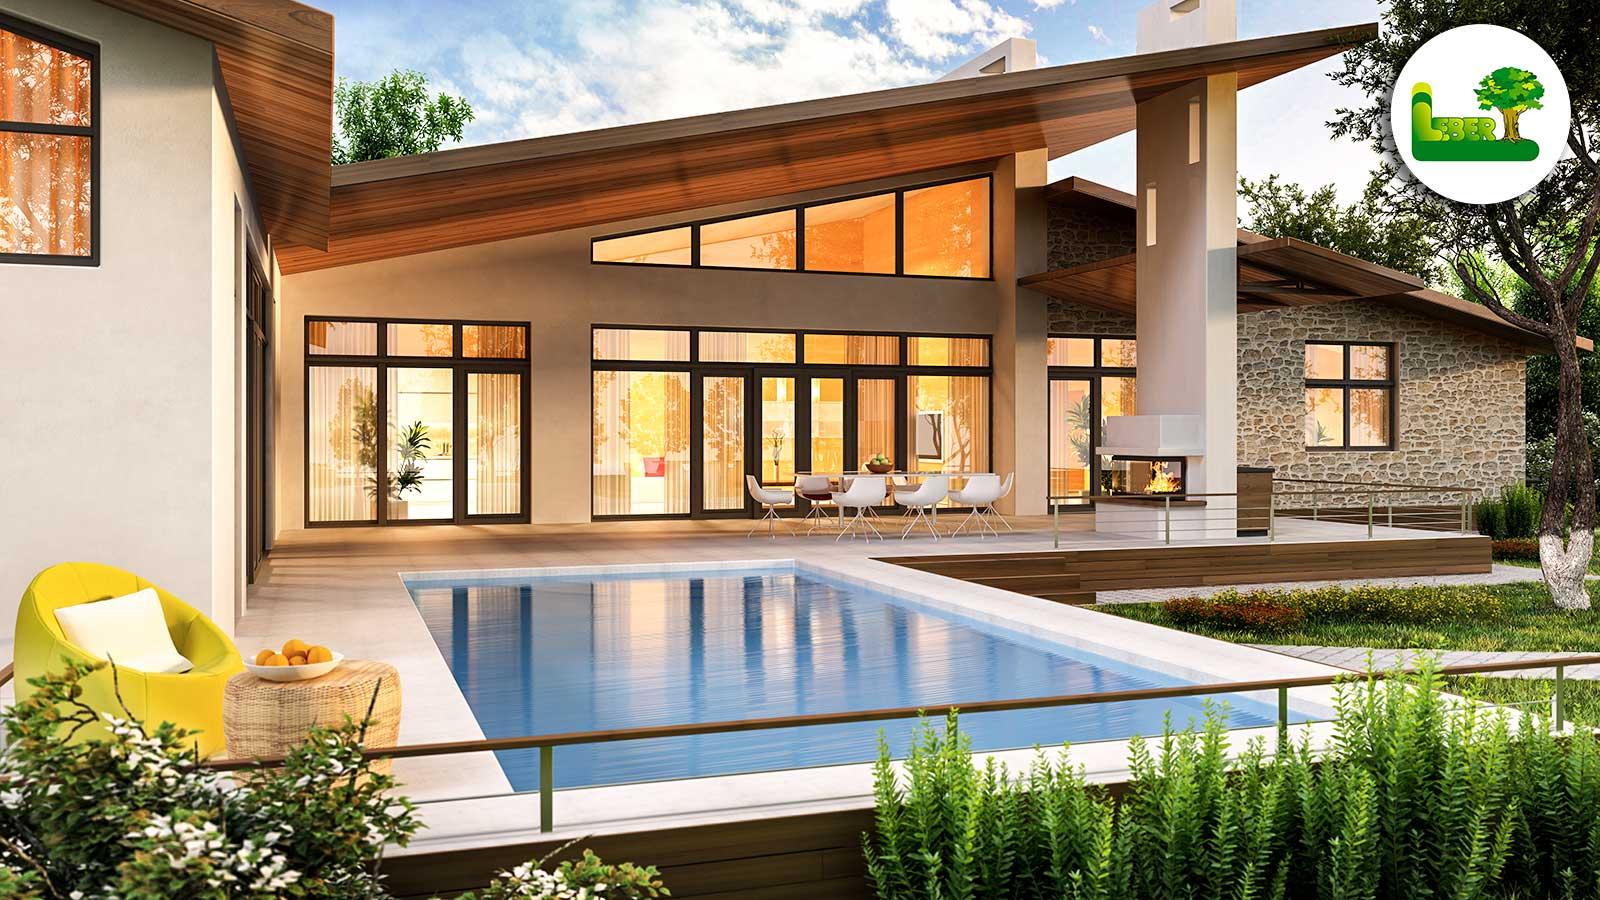 Modernes Haus mit wundervollen Pool und Außengestaltung. Alles beginnt mit einer Idee. Ihr Garten Leber Team.